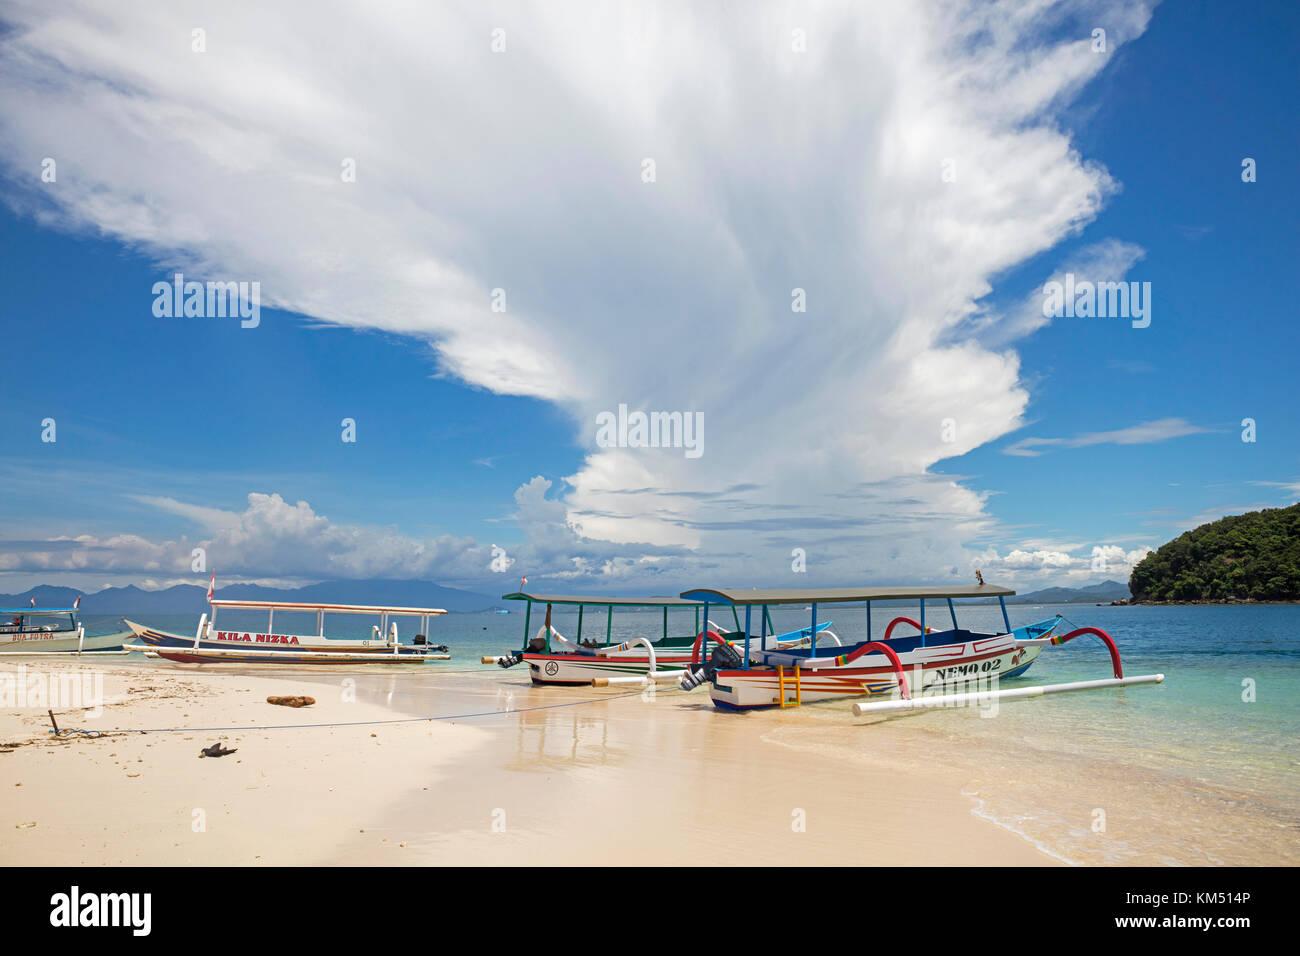 Outrigger bateaux de touristes sur la plage tropicale idyllique de l'île Gili nanggu, partie de l'île Photo Stock